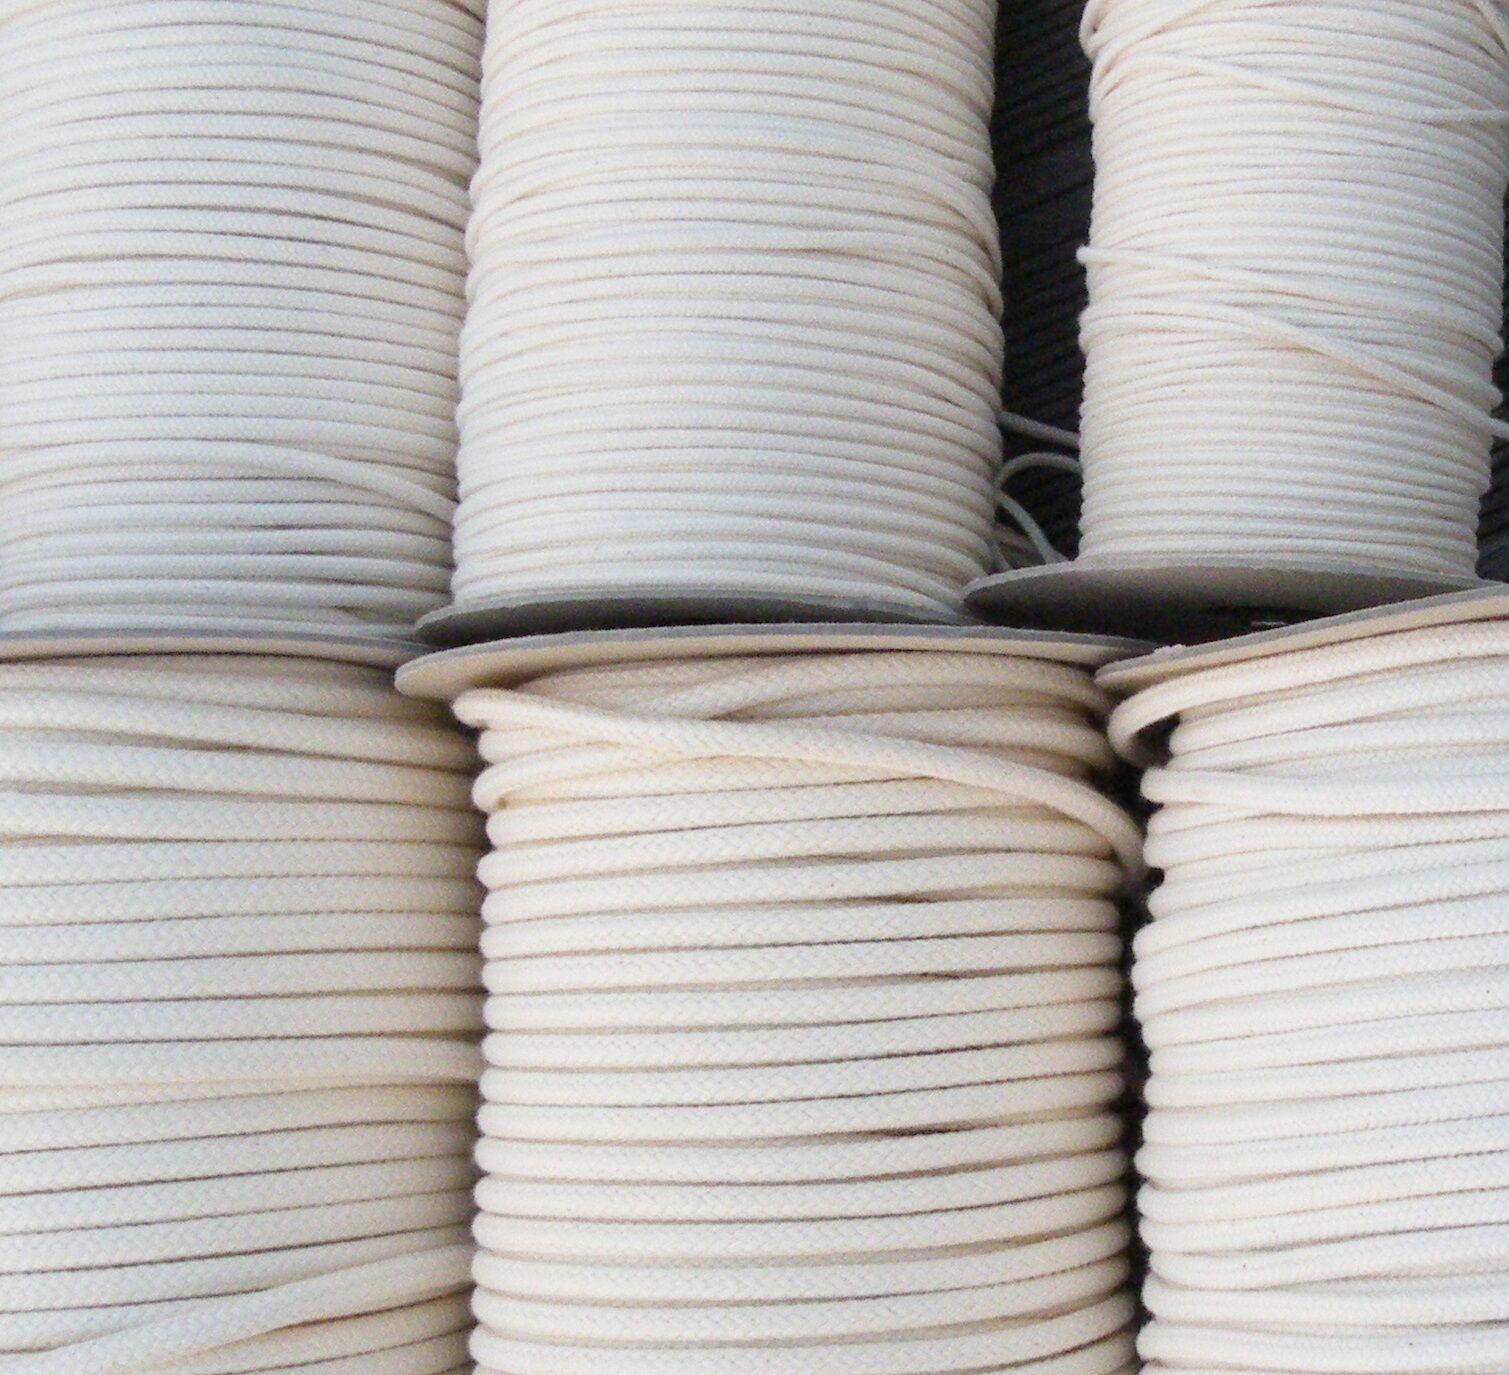 Öllampendocht für Profis Lampendocht Petroleum Öl Durchmesser 3-15 mm Baumwolle  | Überlegen